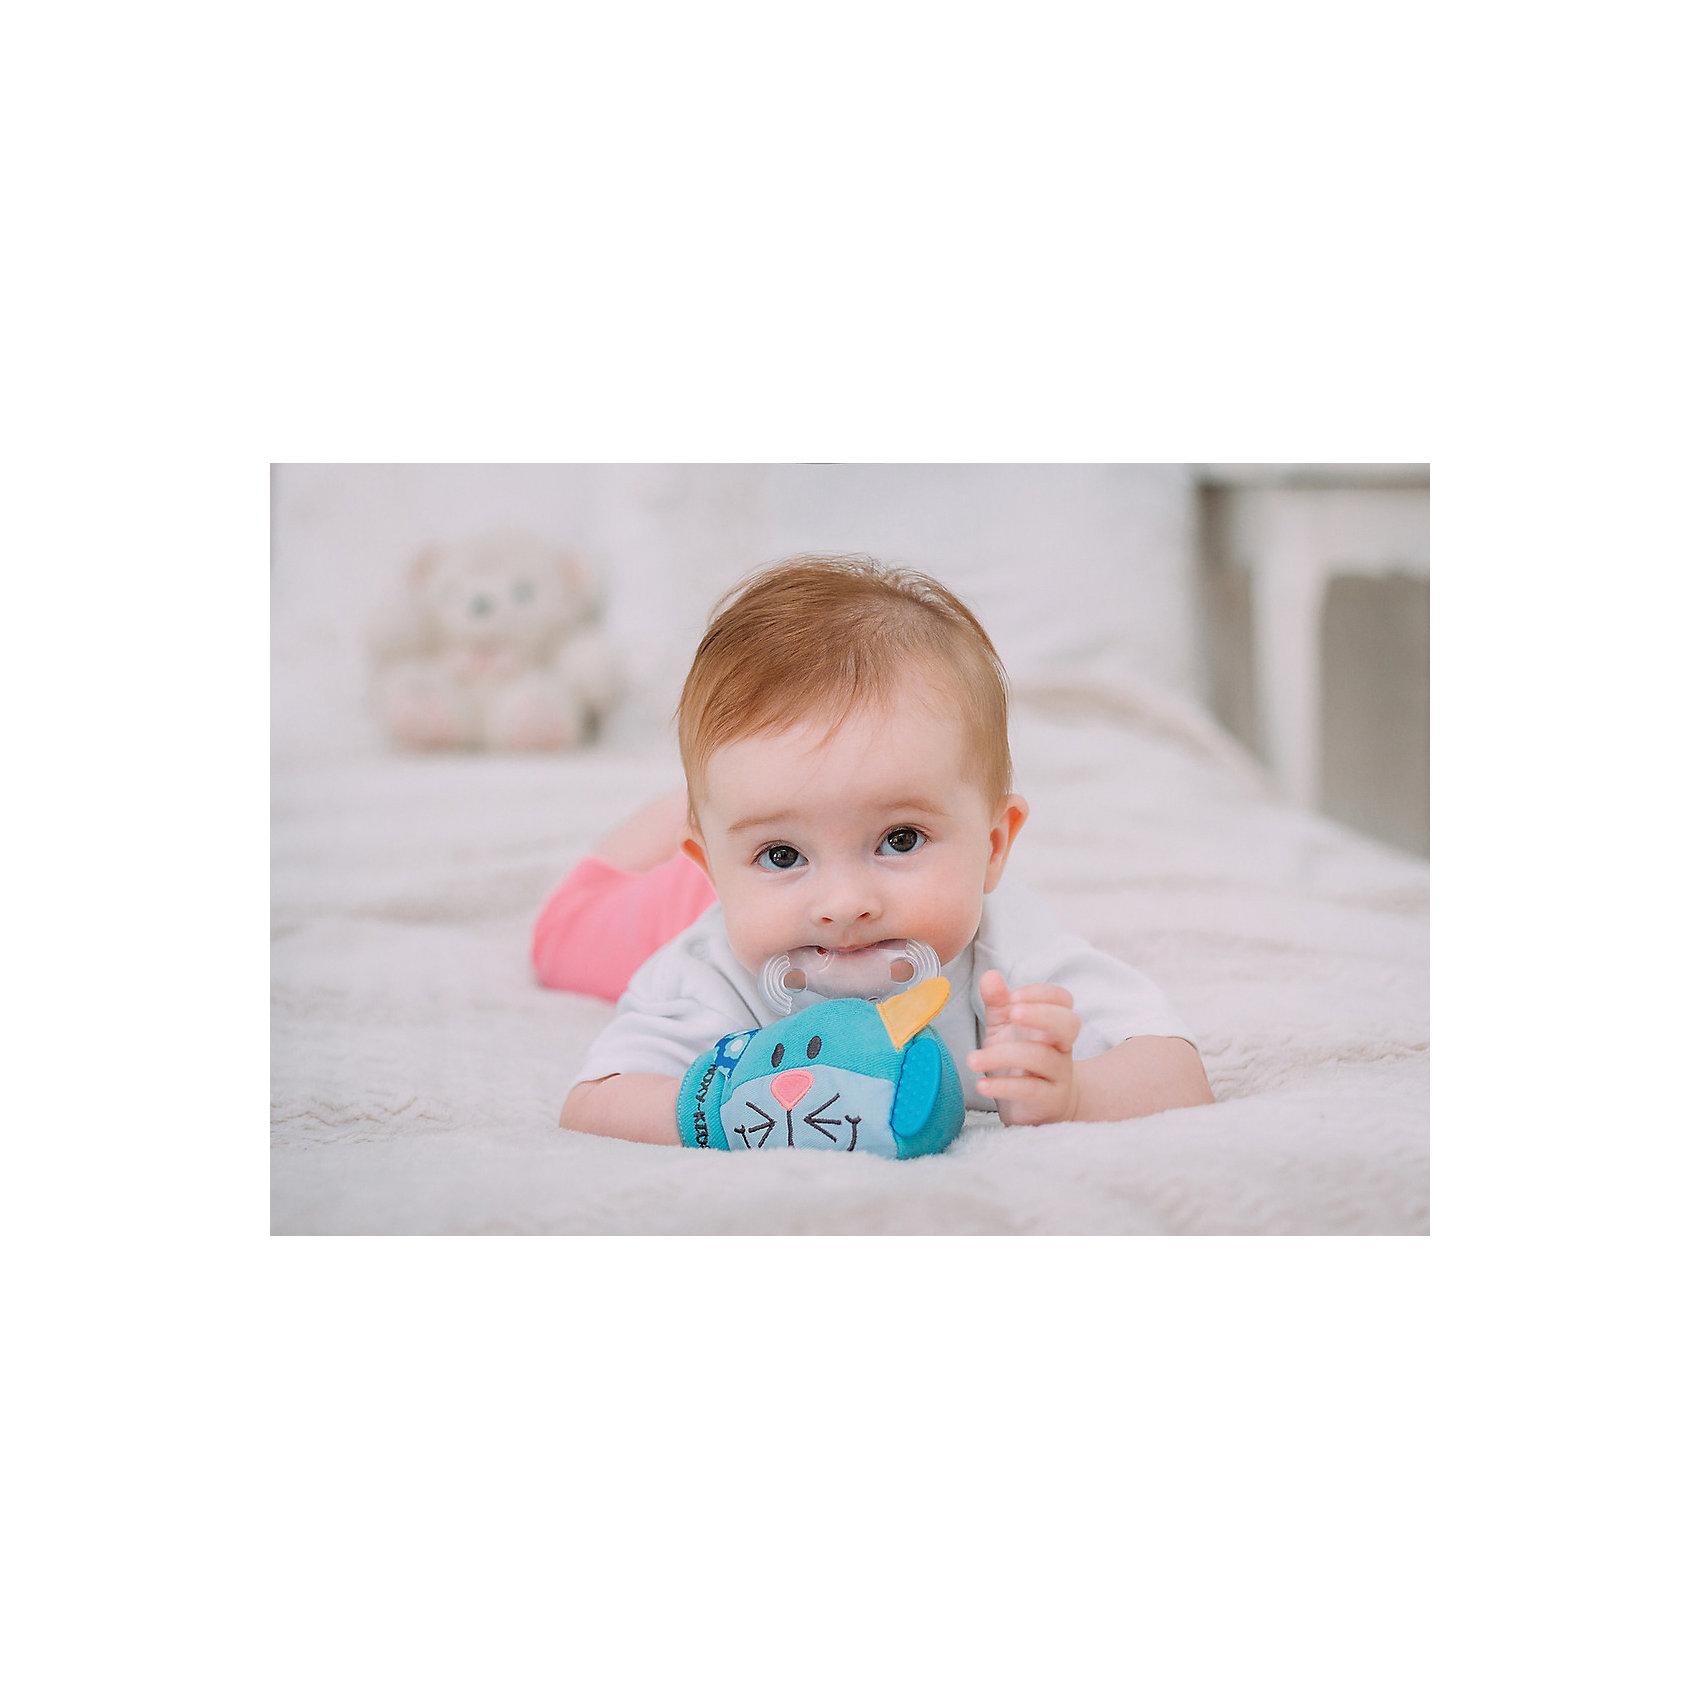 Рукавичка с прорезывателем Салли, Roxy-KidsПрорезыватели<br>Характеристика:<br><br>- Материал: хлопок.<br>- Возраст: от 4 месяцев.<br>- В комплекте: рукавичка-игрушка, съемный прорезыватель и рукавичка-антицарапка.<br><br>Такая красивая рукавичка надежно защитит нежную кожу ребенка от рефлекторных движений рук и пальцев, предотвращает появление царапин на лице. А еще, рукавичка поможет избавиться от привычек сосать руки или палец, что немаловажно для гармоничного развития ребенка в будущем!<br><br>Рукавичку с прорезователем Салли от Roxy-Kids, можно купить в нашем магазине.<br><br>Ширина мм: 130<br>Глубина мм: 110<br>Высота мм: 40<br>Вес г: 70<br>Возраст от месяцев: 0<br>Возраст до месяцев: 12<br>Пол: Унисекс<br>Возраст: Детский<br>SKU: 5111425